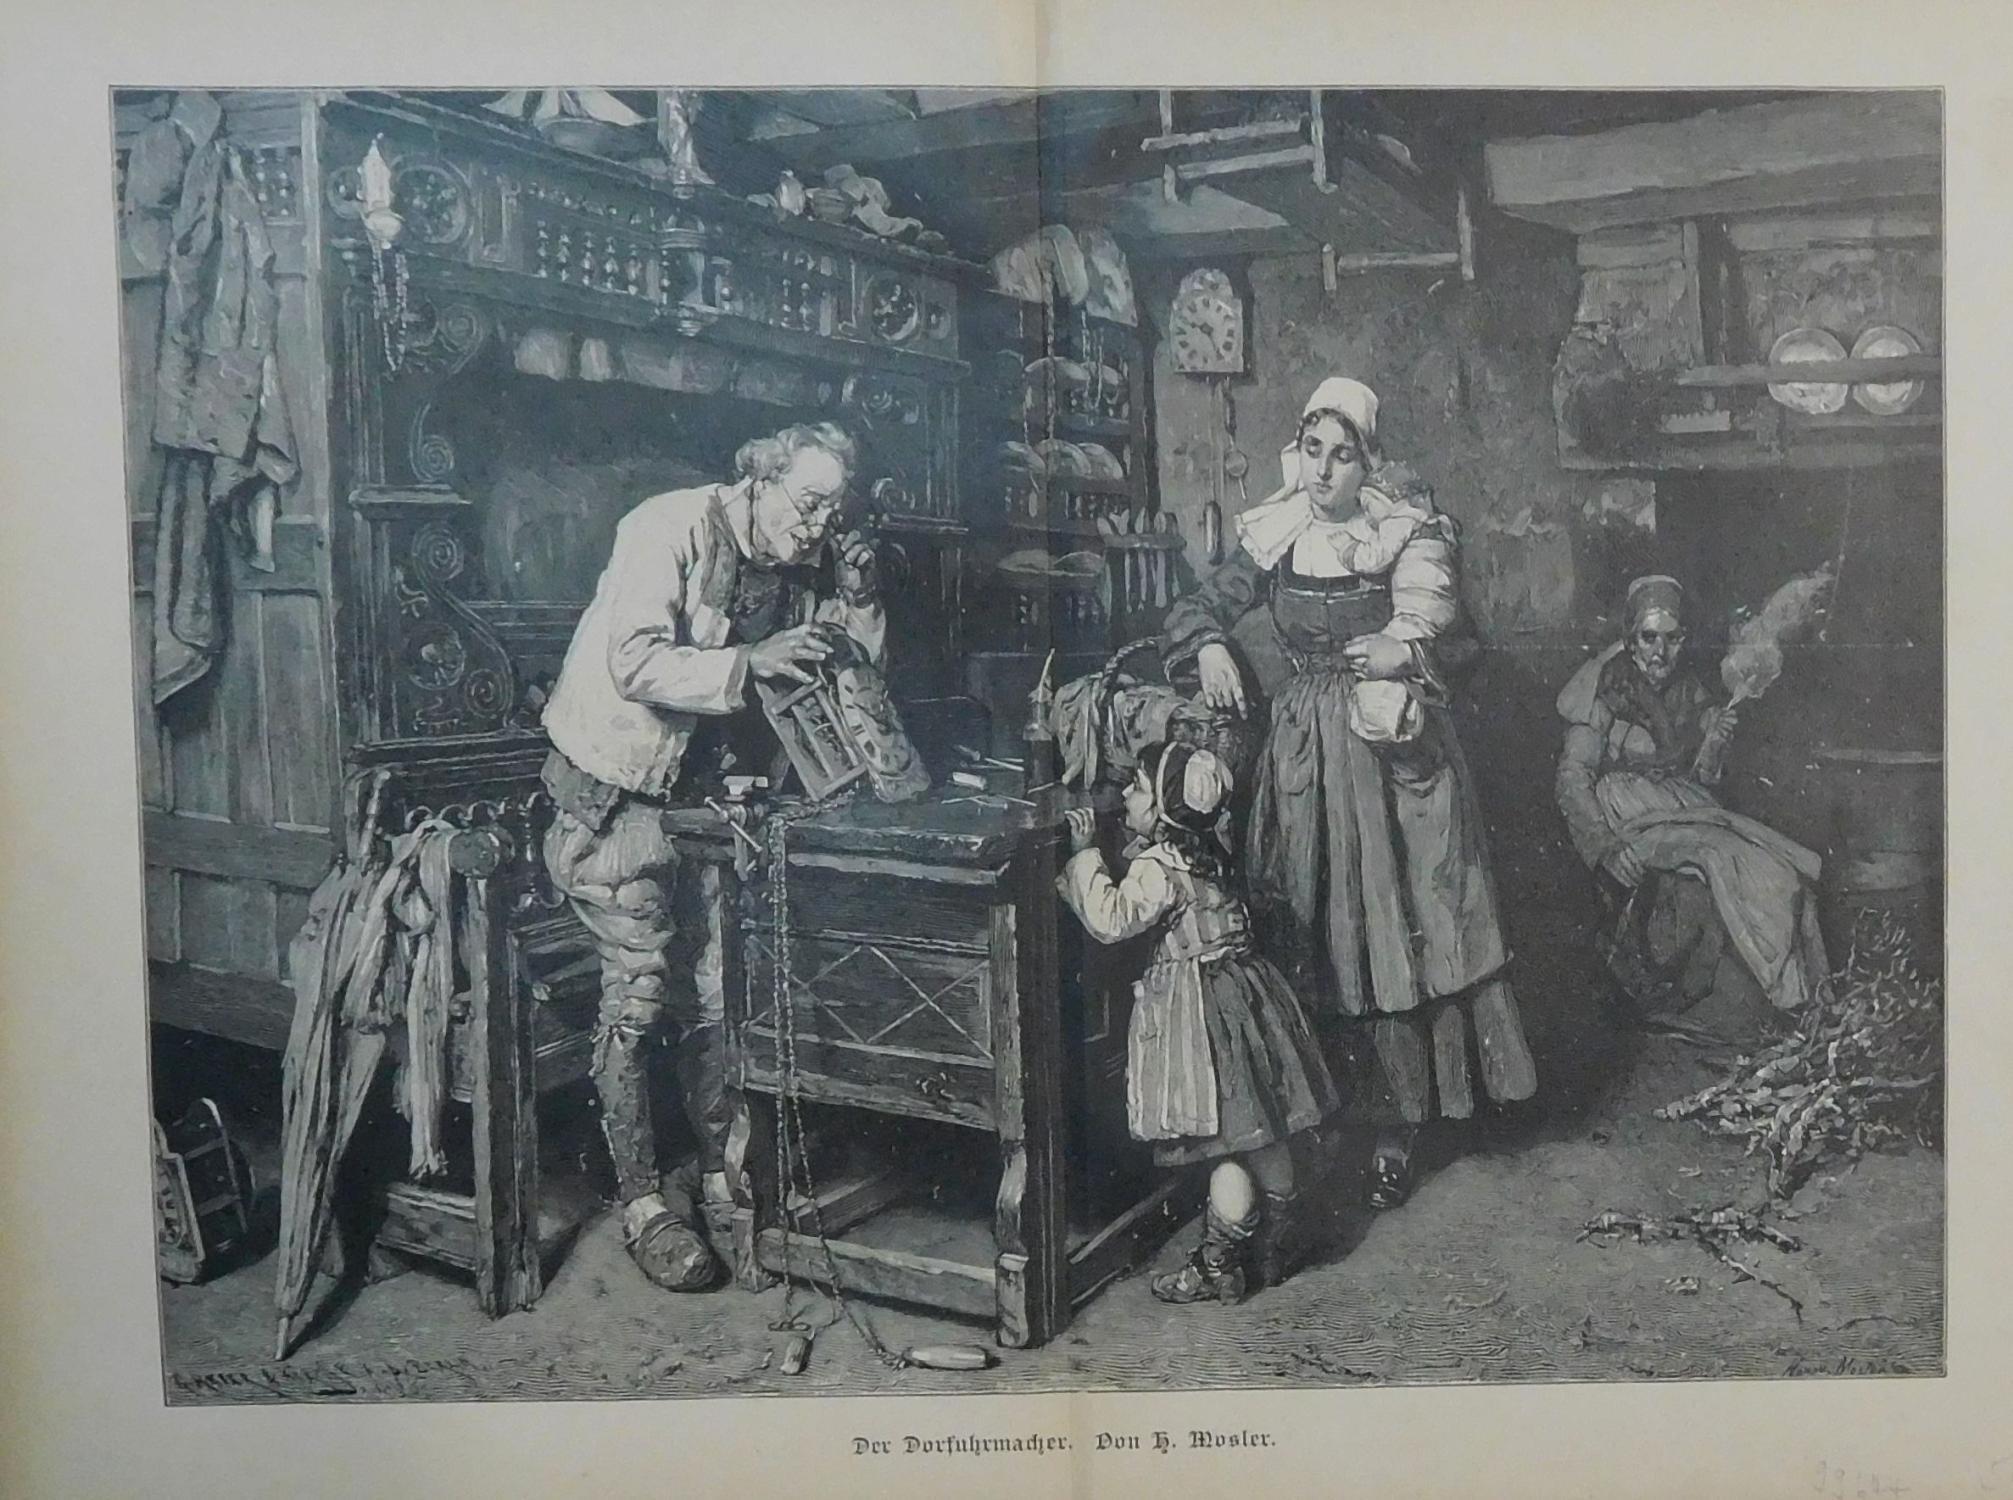 Der Dorfuhrmacher. Szene in einer Uhrmacherwerkstatt: Der: Uhrmacher